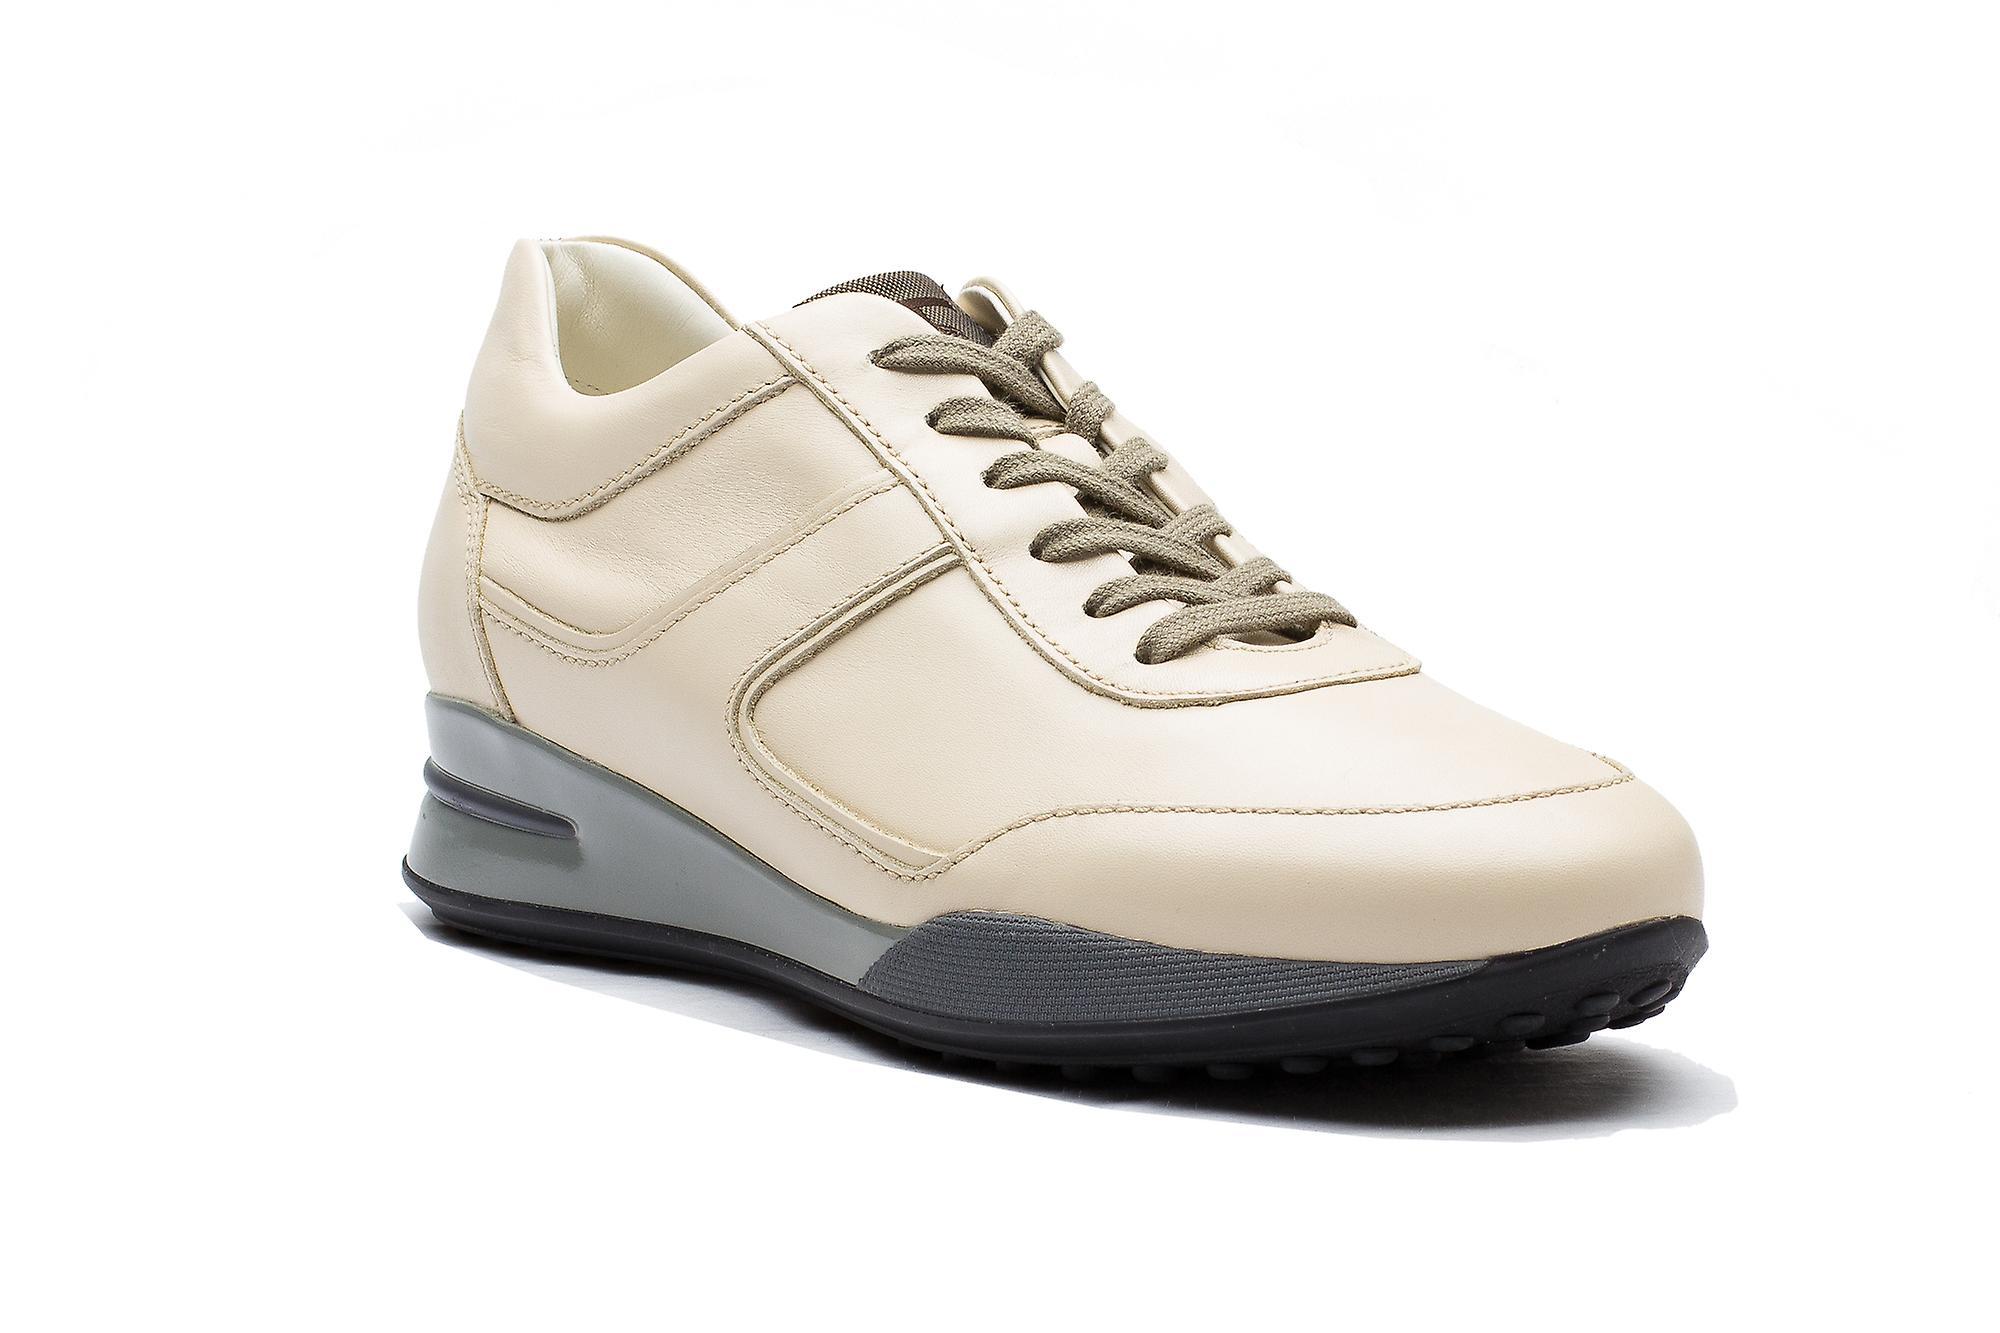 Tods Herren Leder Allacciato Sport T Projekt Low Top Sneaker Schuhe weiß